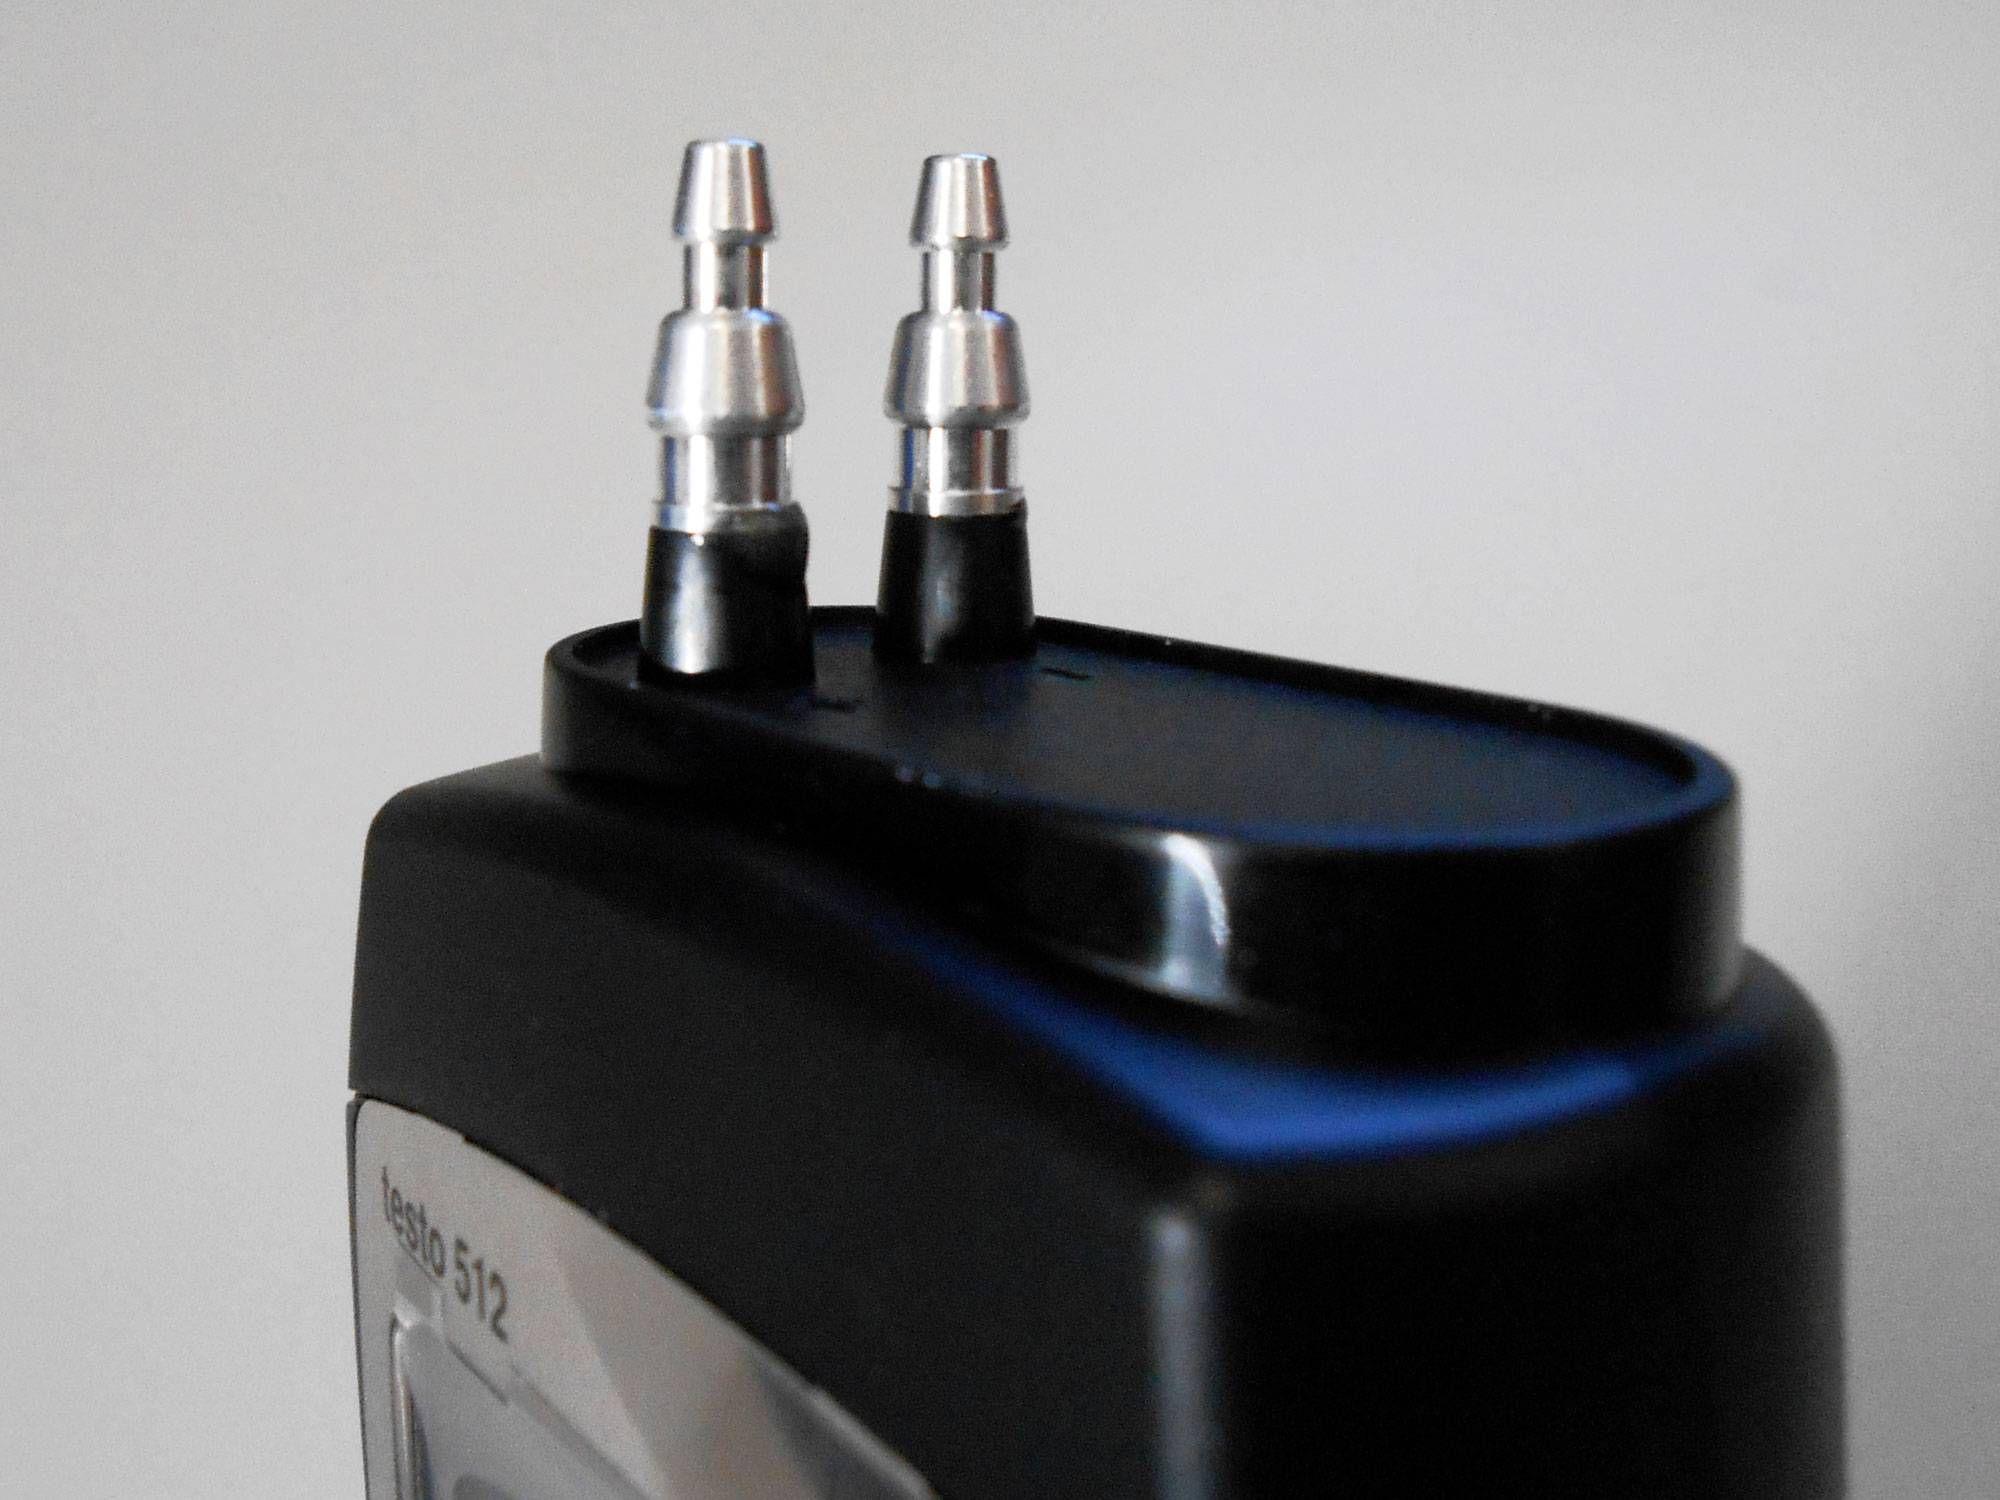 Testo 512 0 a 2000 hPa detalle boquillas